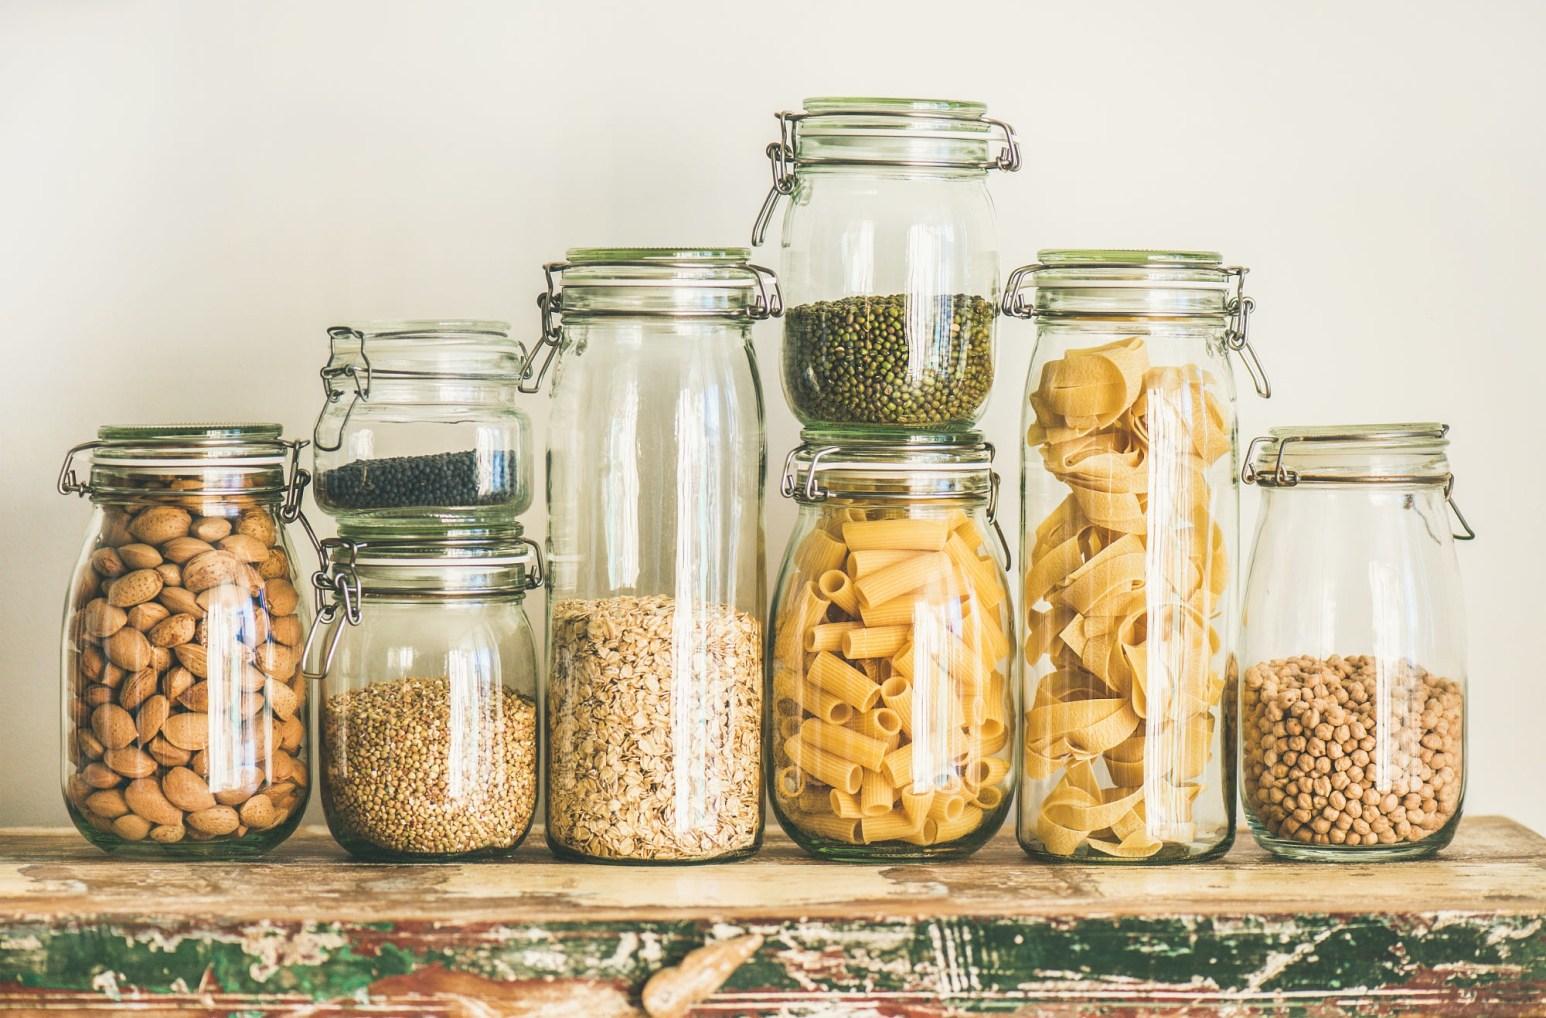 Jars of Food